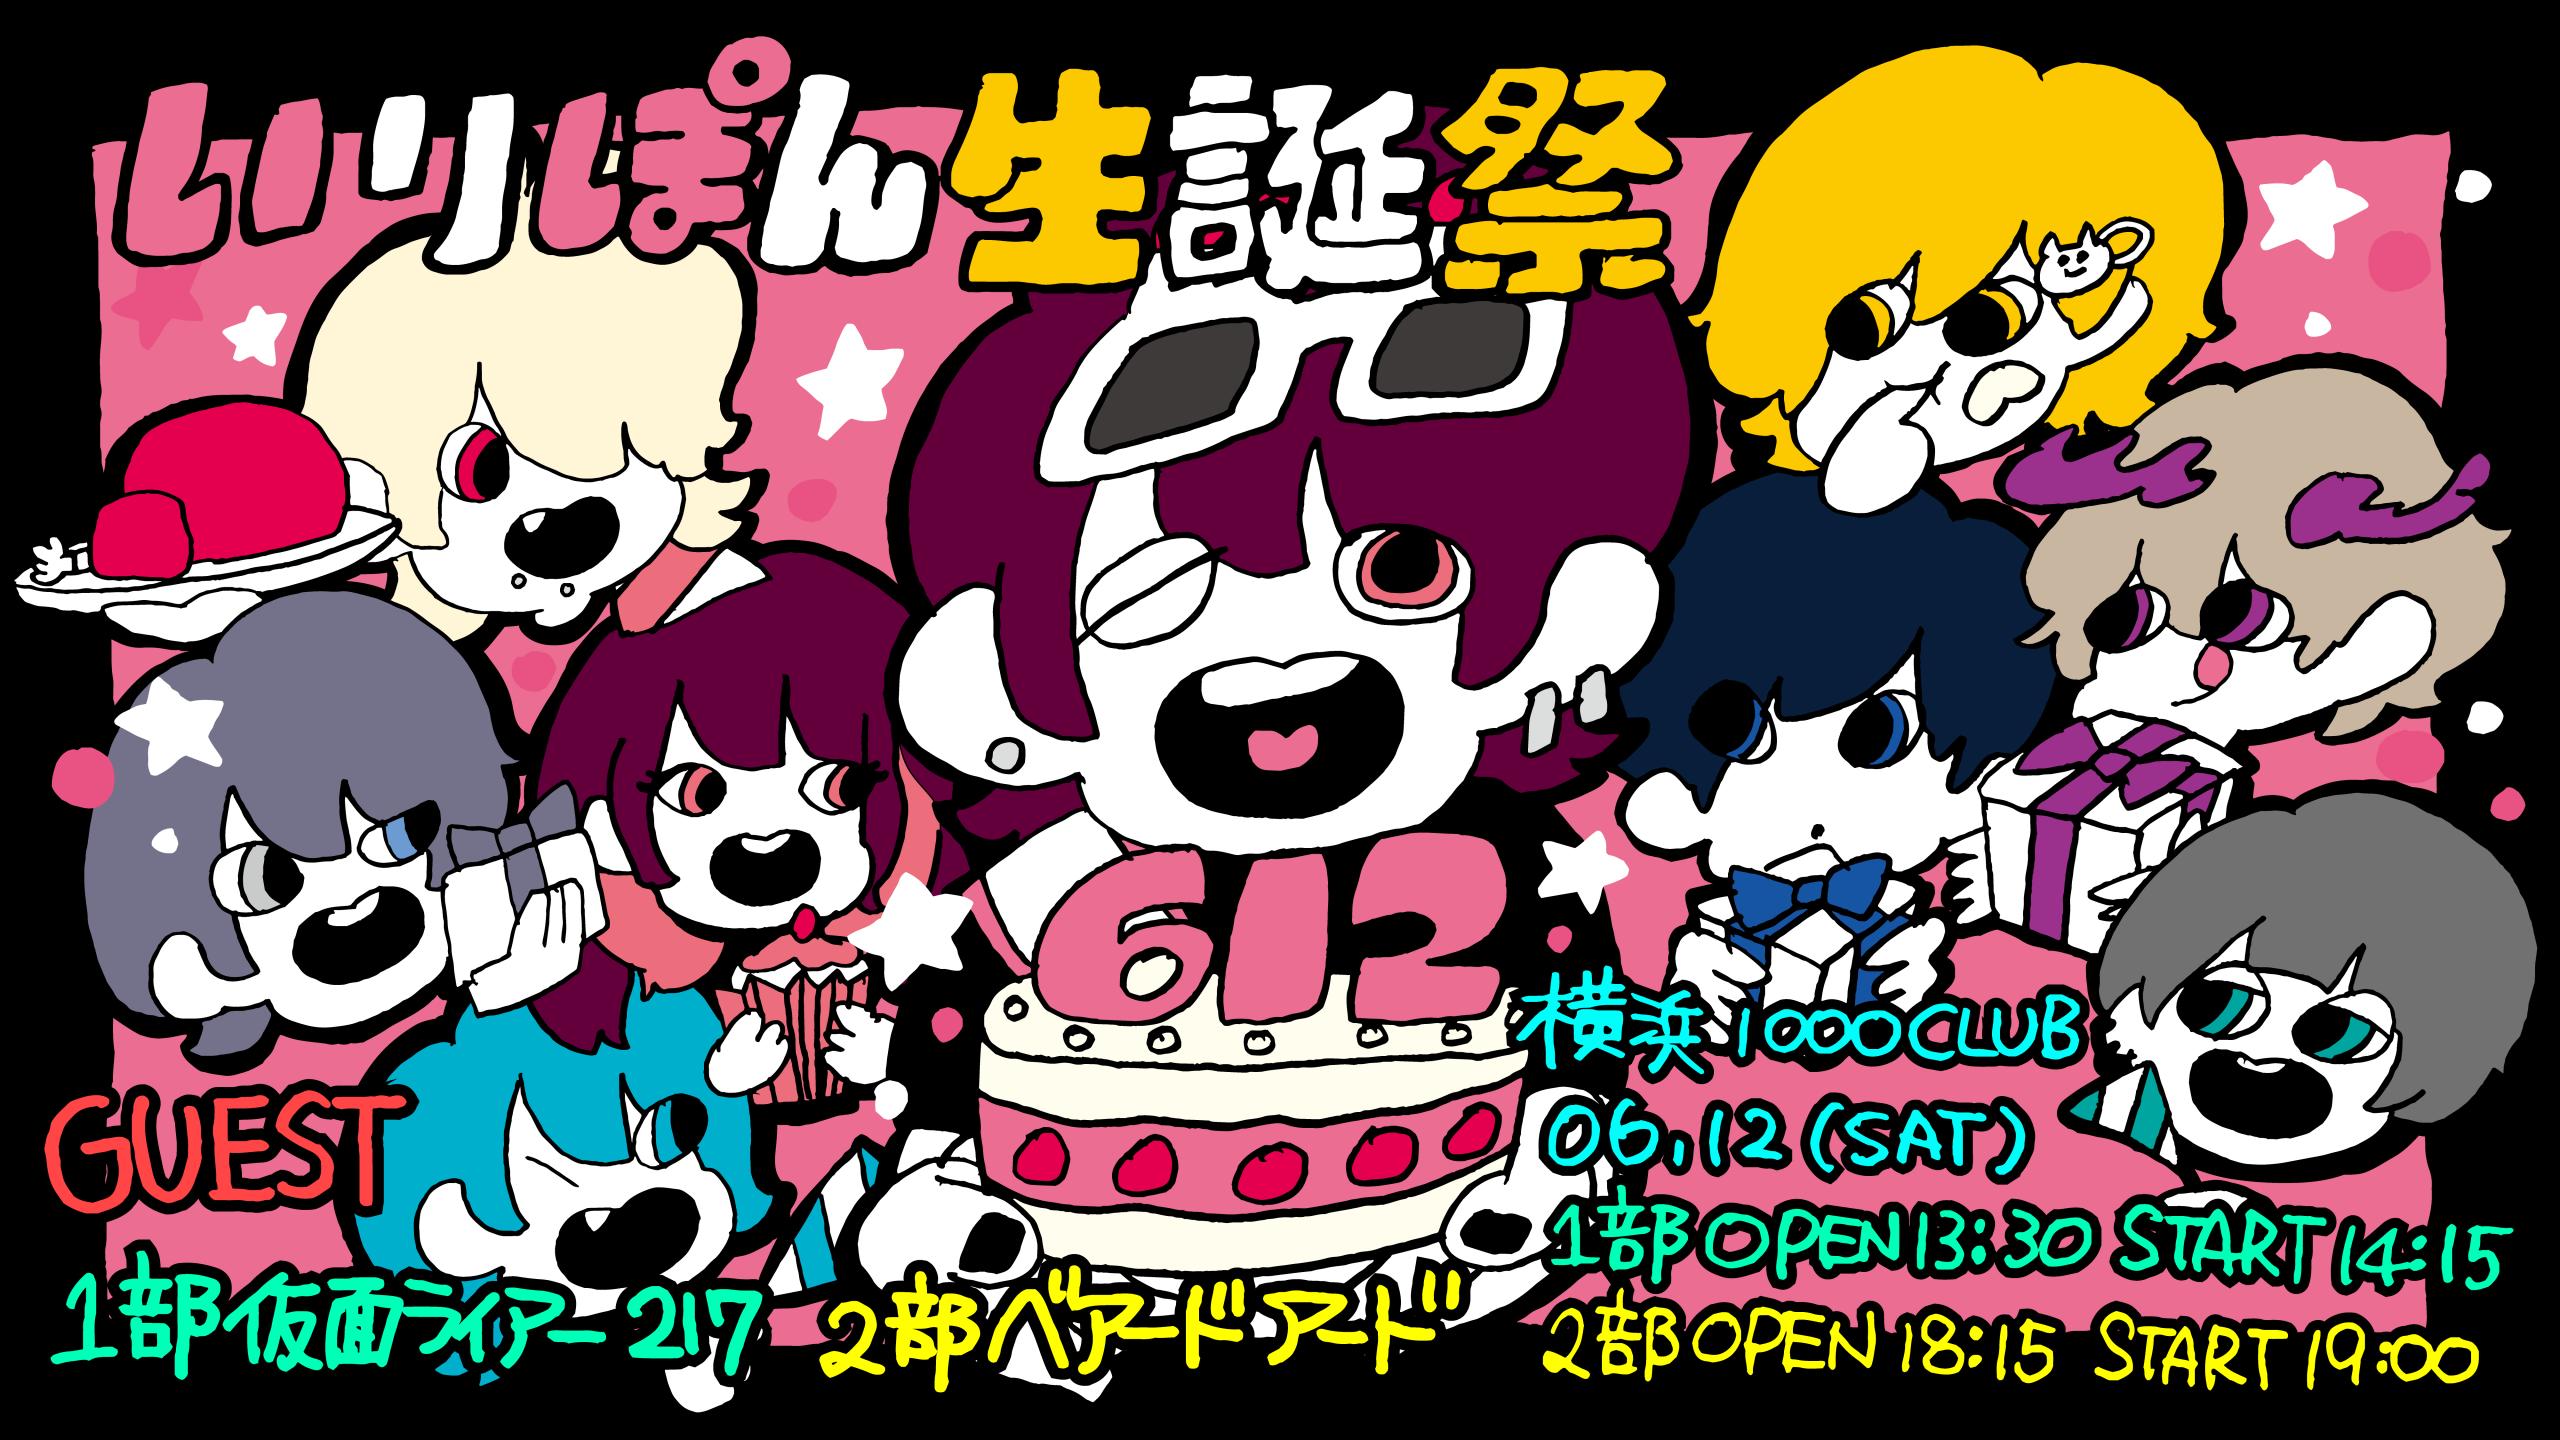 『0612いりぽん生誕祭(1部)』